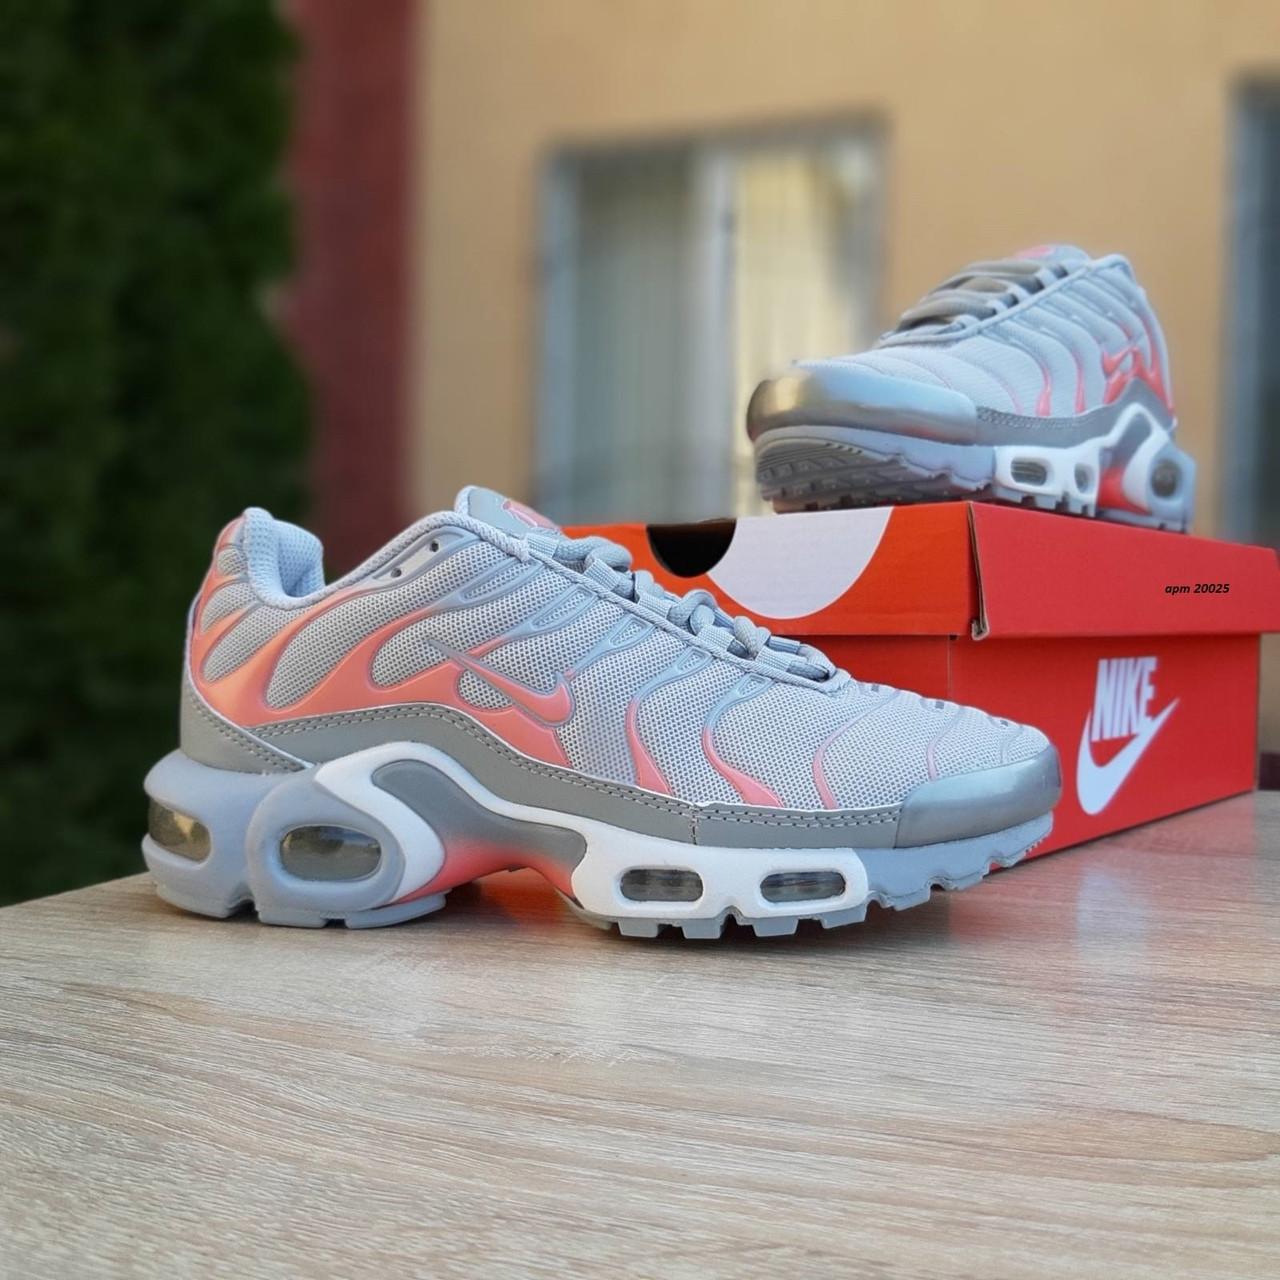 Кроссовки распродажа АКЦИЯ последние размеры 750 грн Nike TN Plus 36й(23см) люкс копия